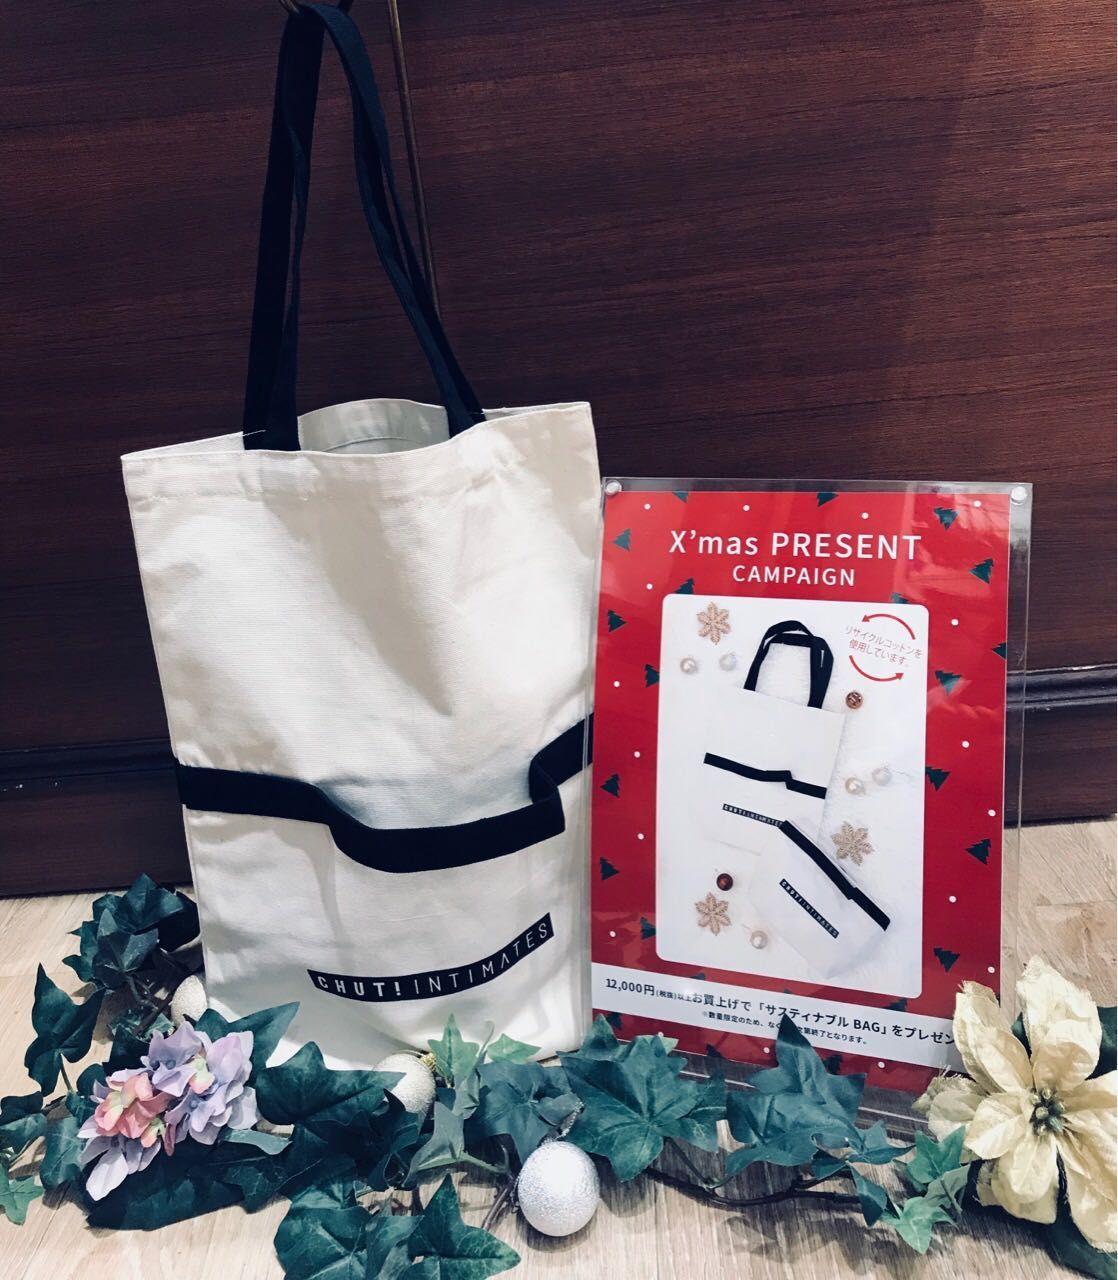 少し早いクリスマスプレゼント☆【イオンモール岡山店】の写真